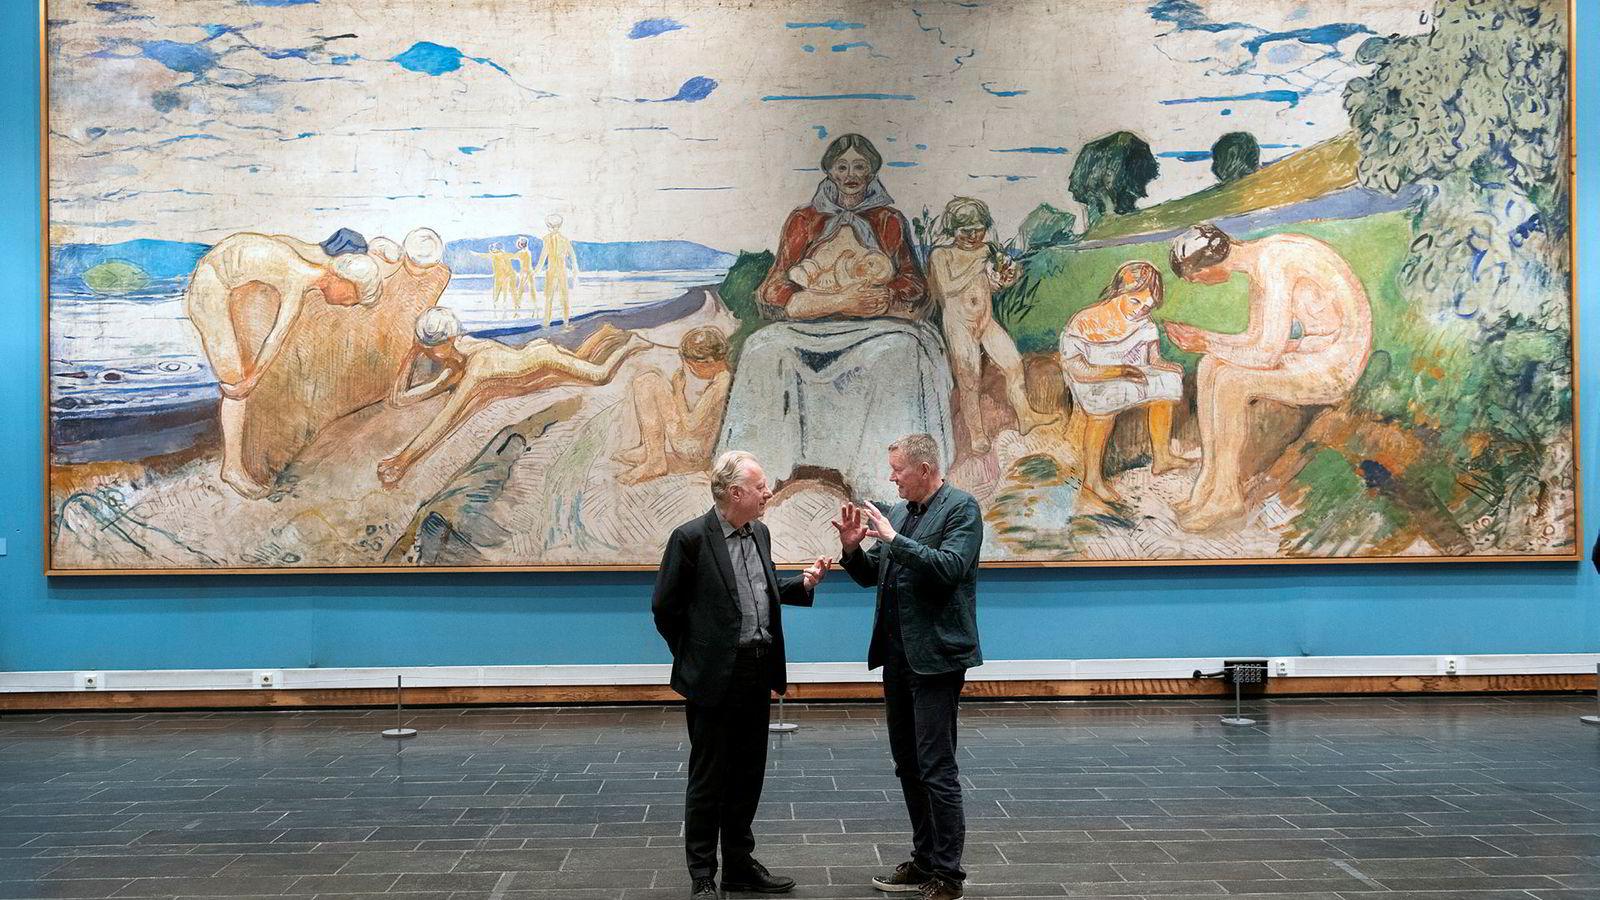 I juni skal Edvard Munch stilles ut i Saudi-Arabia for første gang i regi av Munchmuseet og Snøhetta. Nakne motiver som kan virke provoserende blir hjemme. Her står museumsdirektør Stein Olav Henrichsen (til venstre) og grunnlegger av Snøhetta Kjetil Thorsen foran «Forskerne» fra perioden 1910–1916. Det skal ikke være med på utstillingen.